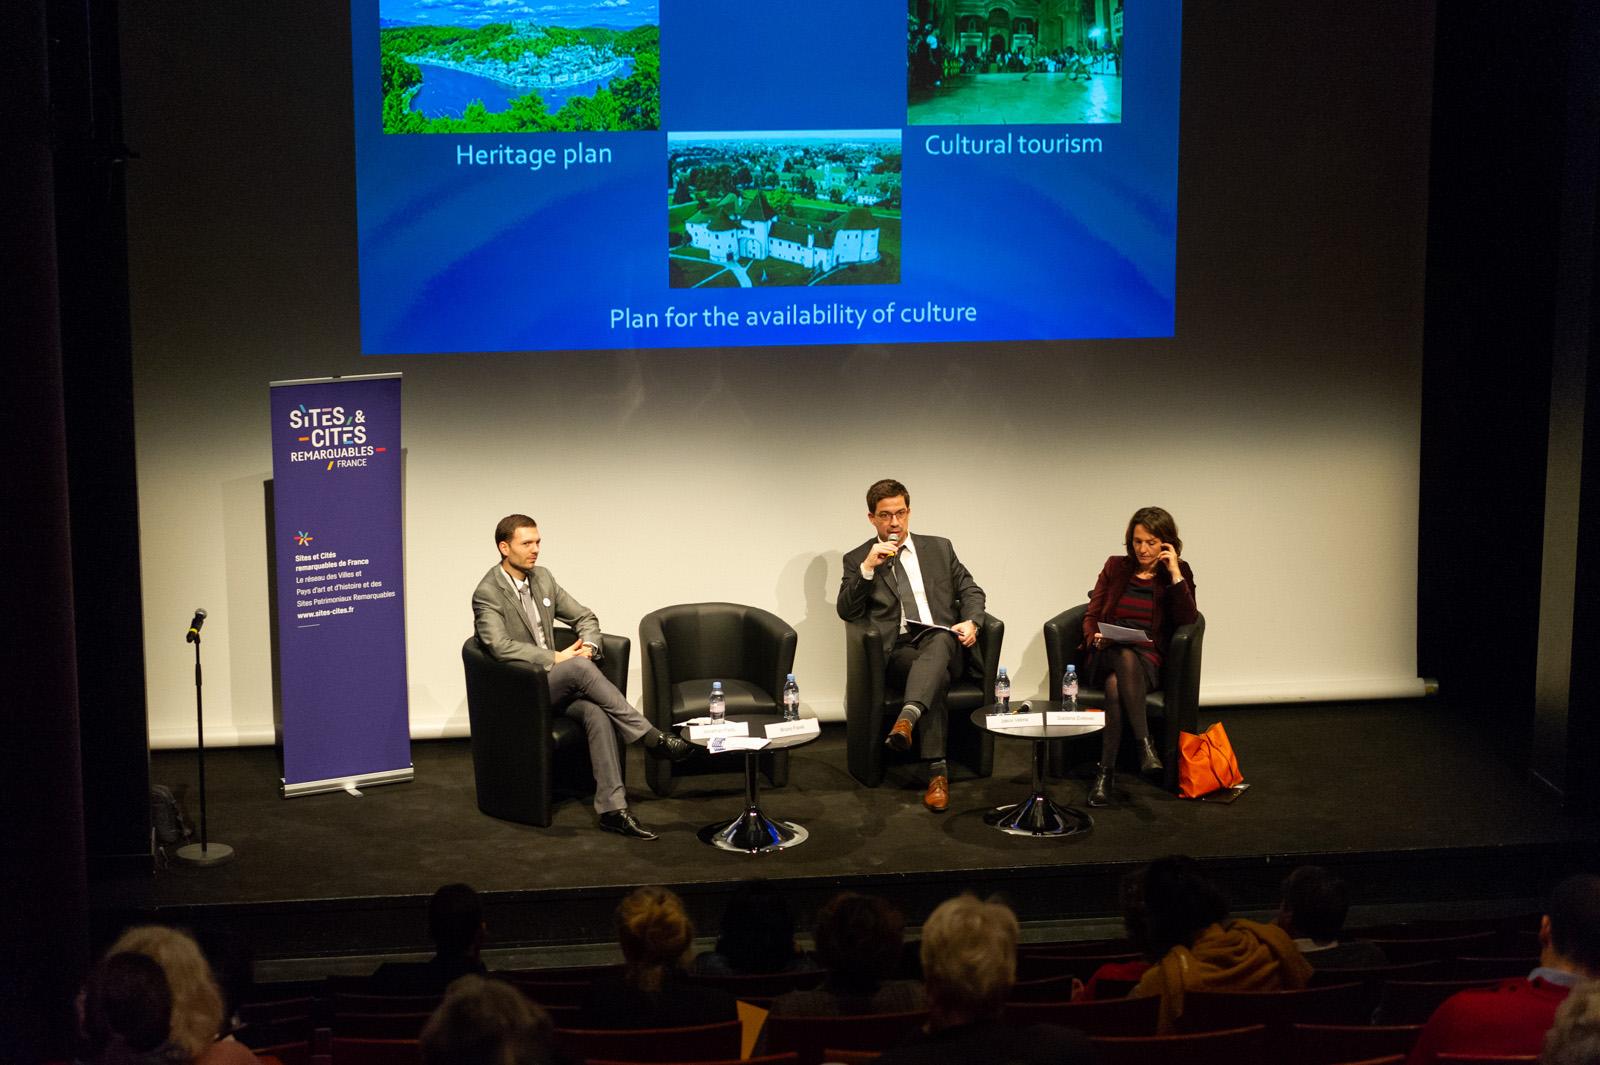 Conférence de Sites &Cités remarquables de France au Salon international du patrimoine culturel 2018.